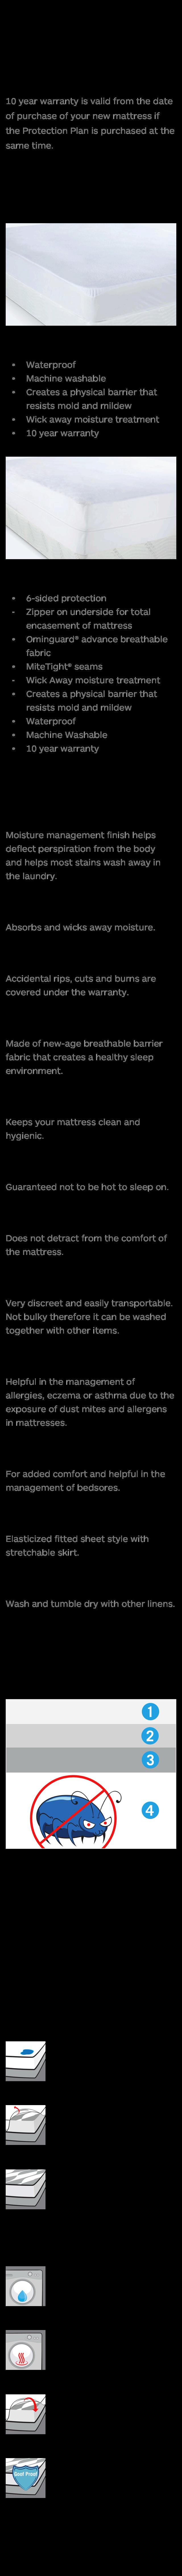 MobileMattressOverLay